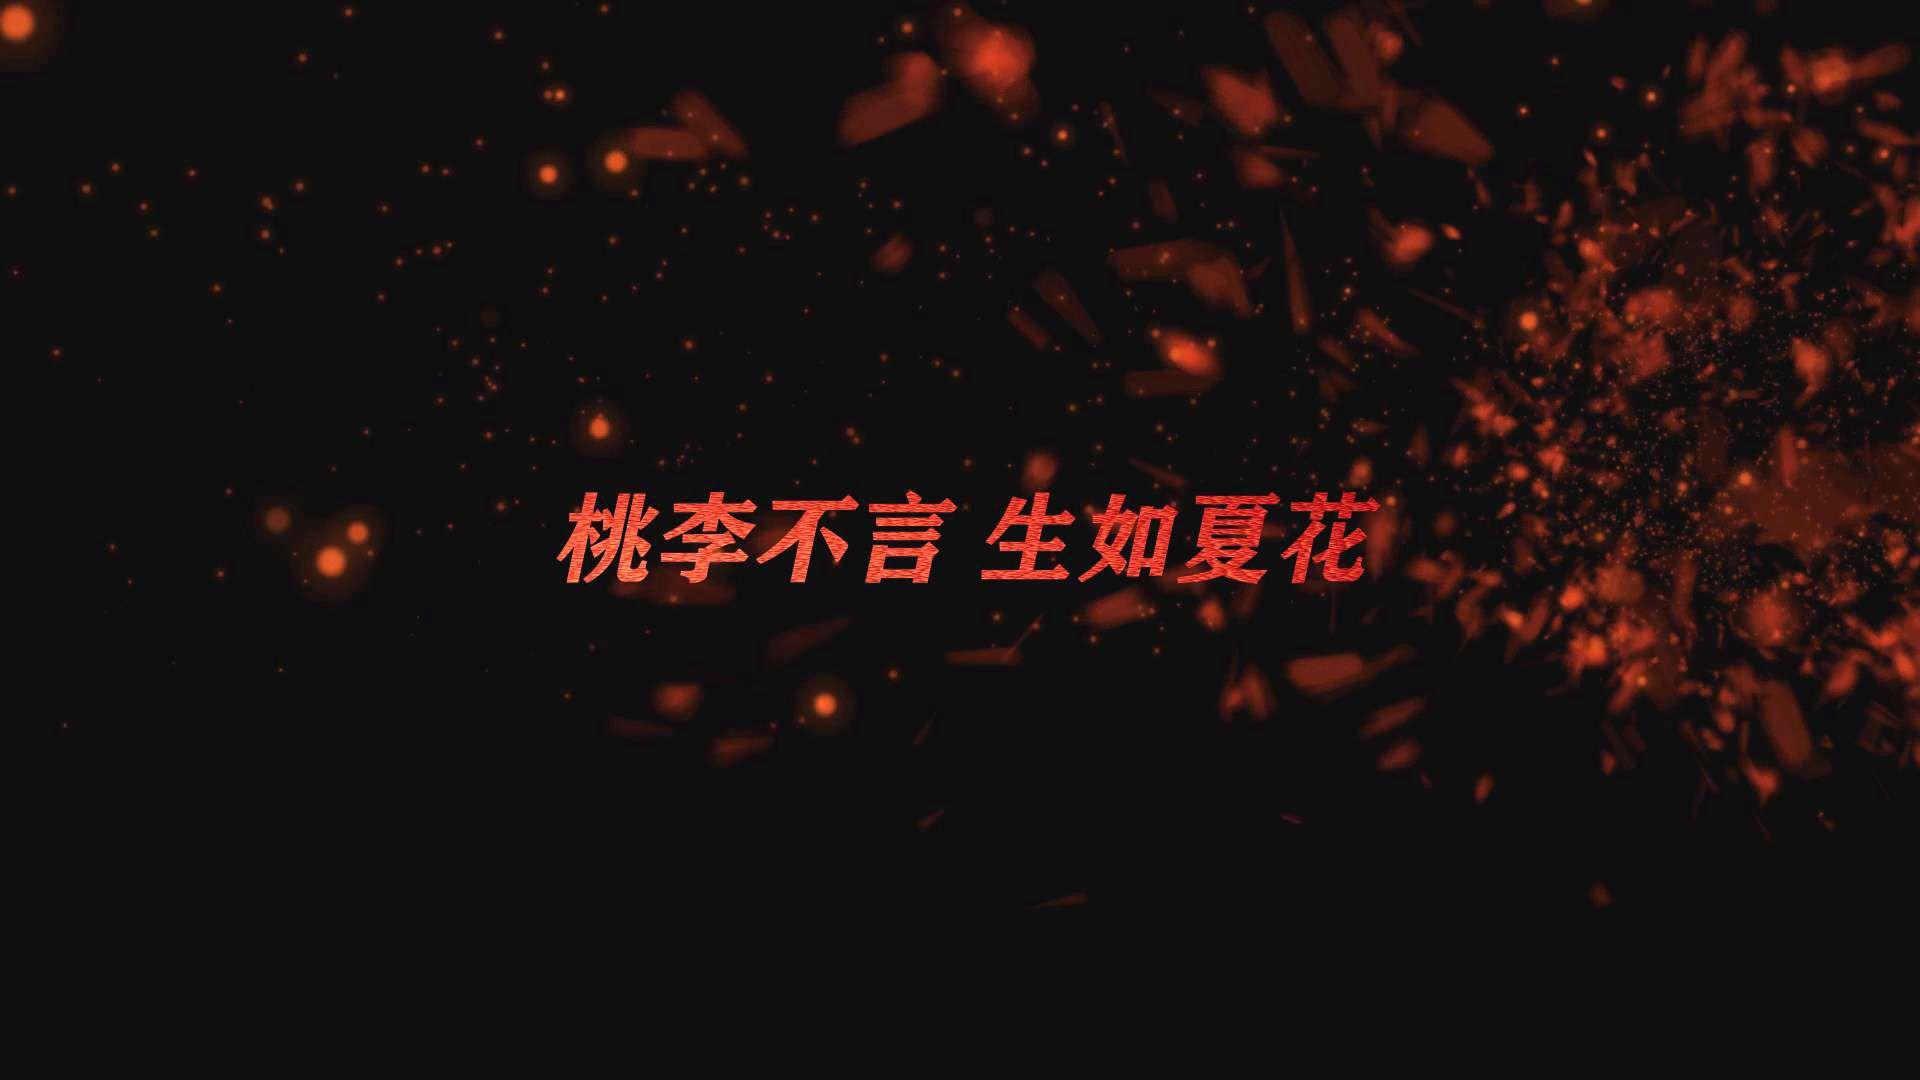 【微视频】桃李不言 生如夏花